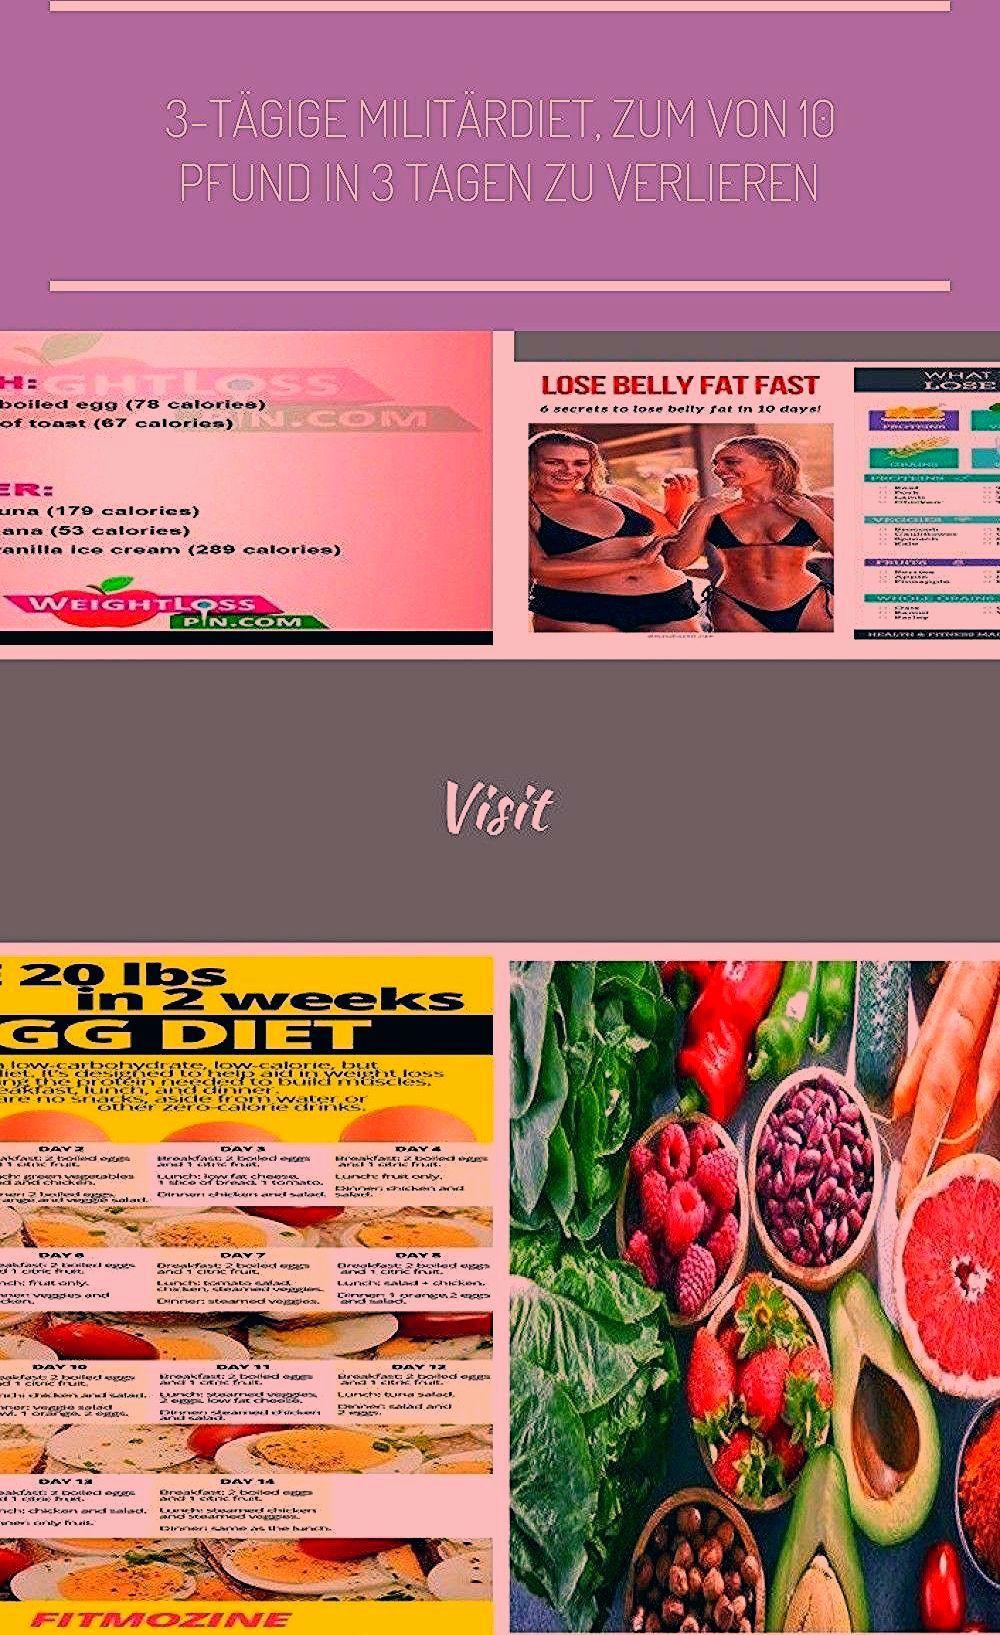 3 Tage Detox-Diät Cardapio